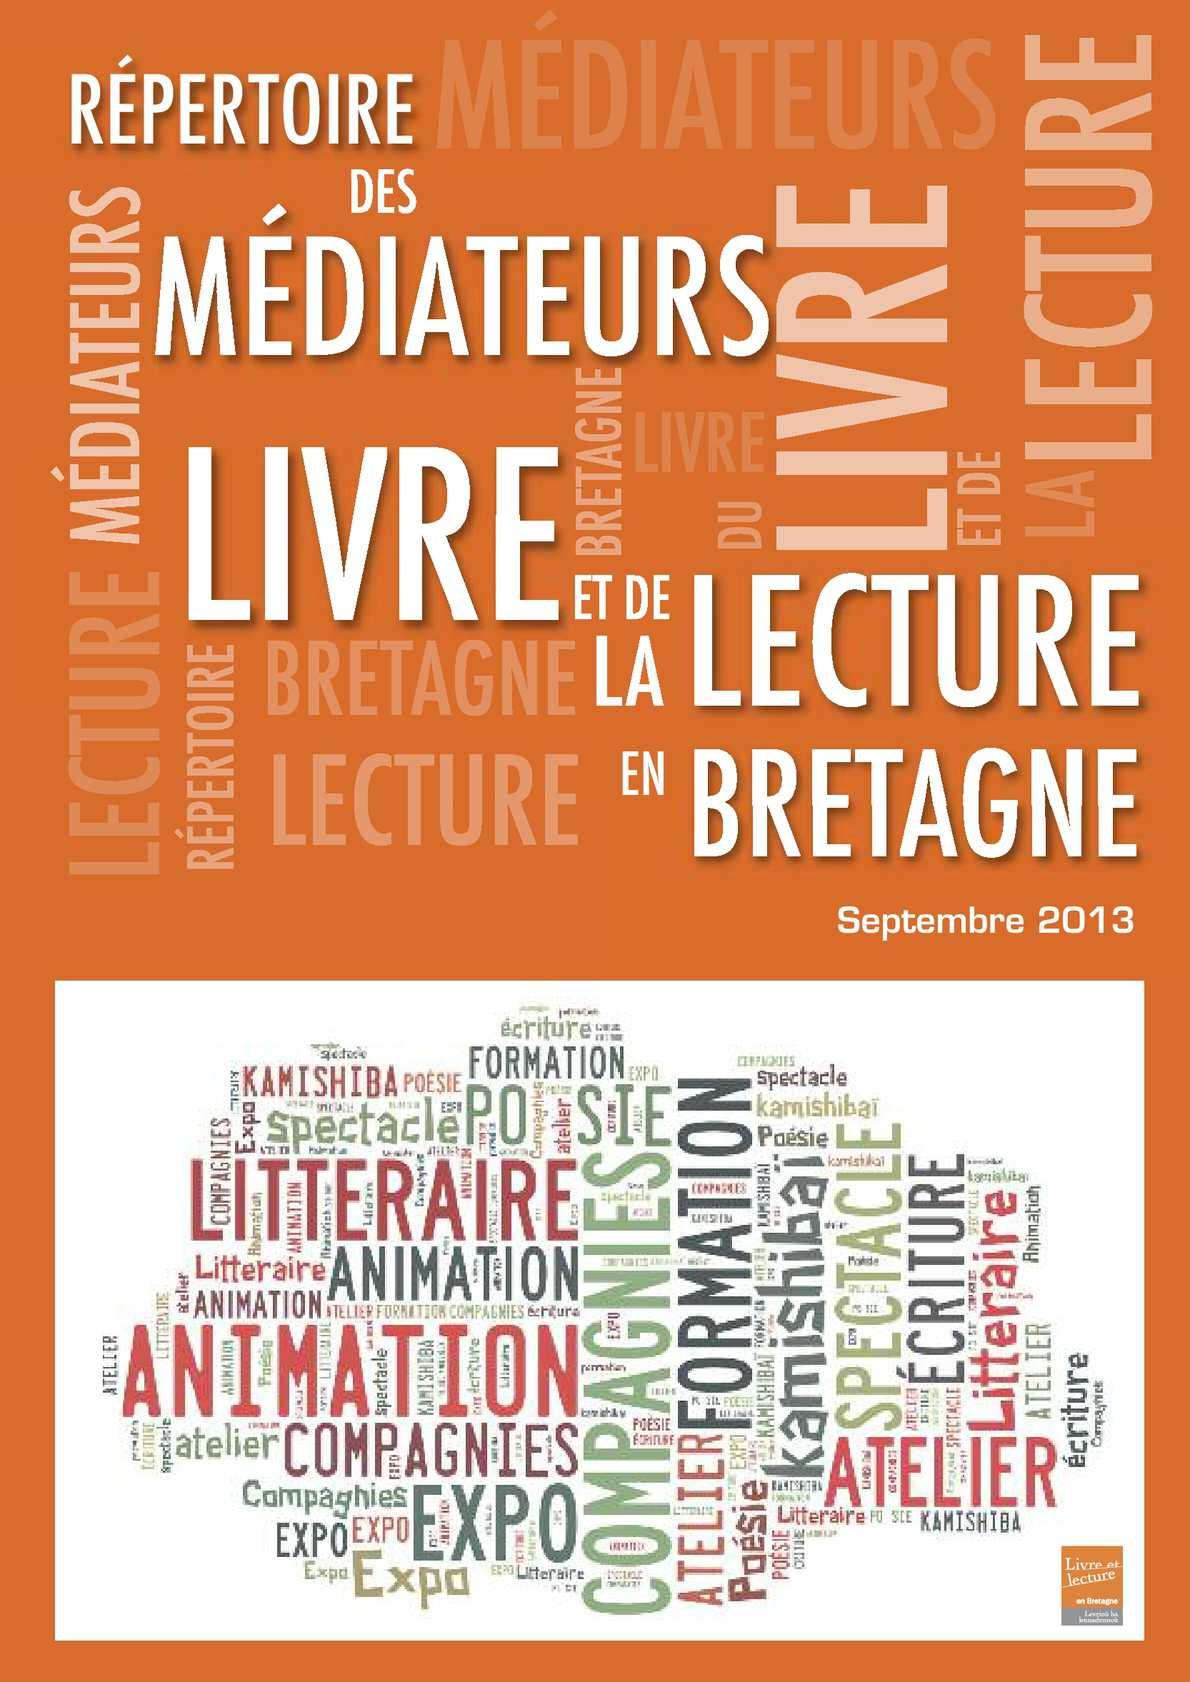 Calaméo - Répertoire des médiateurs du livre et de la lectrue en Bretagne 9142ad4d2ed